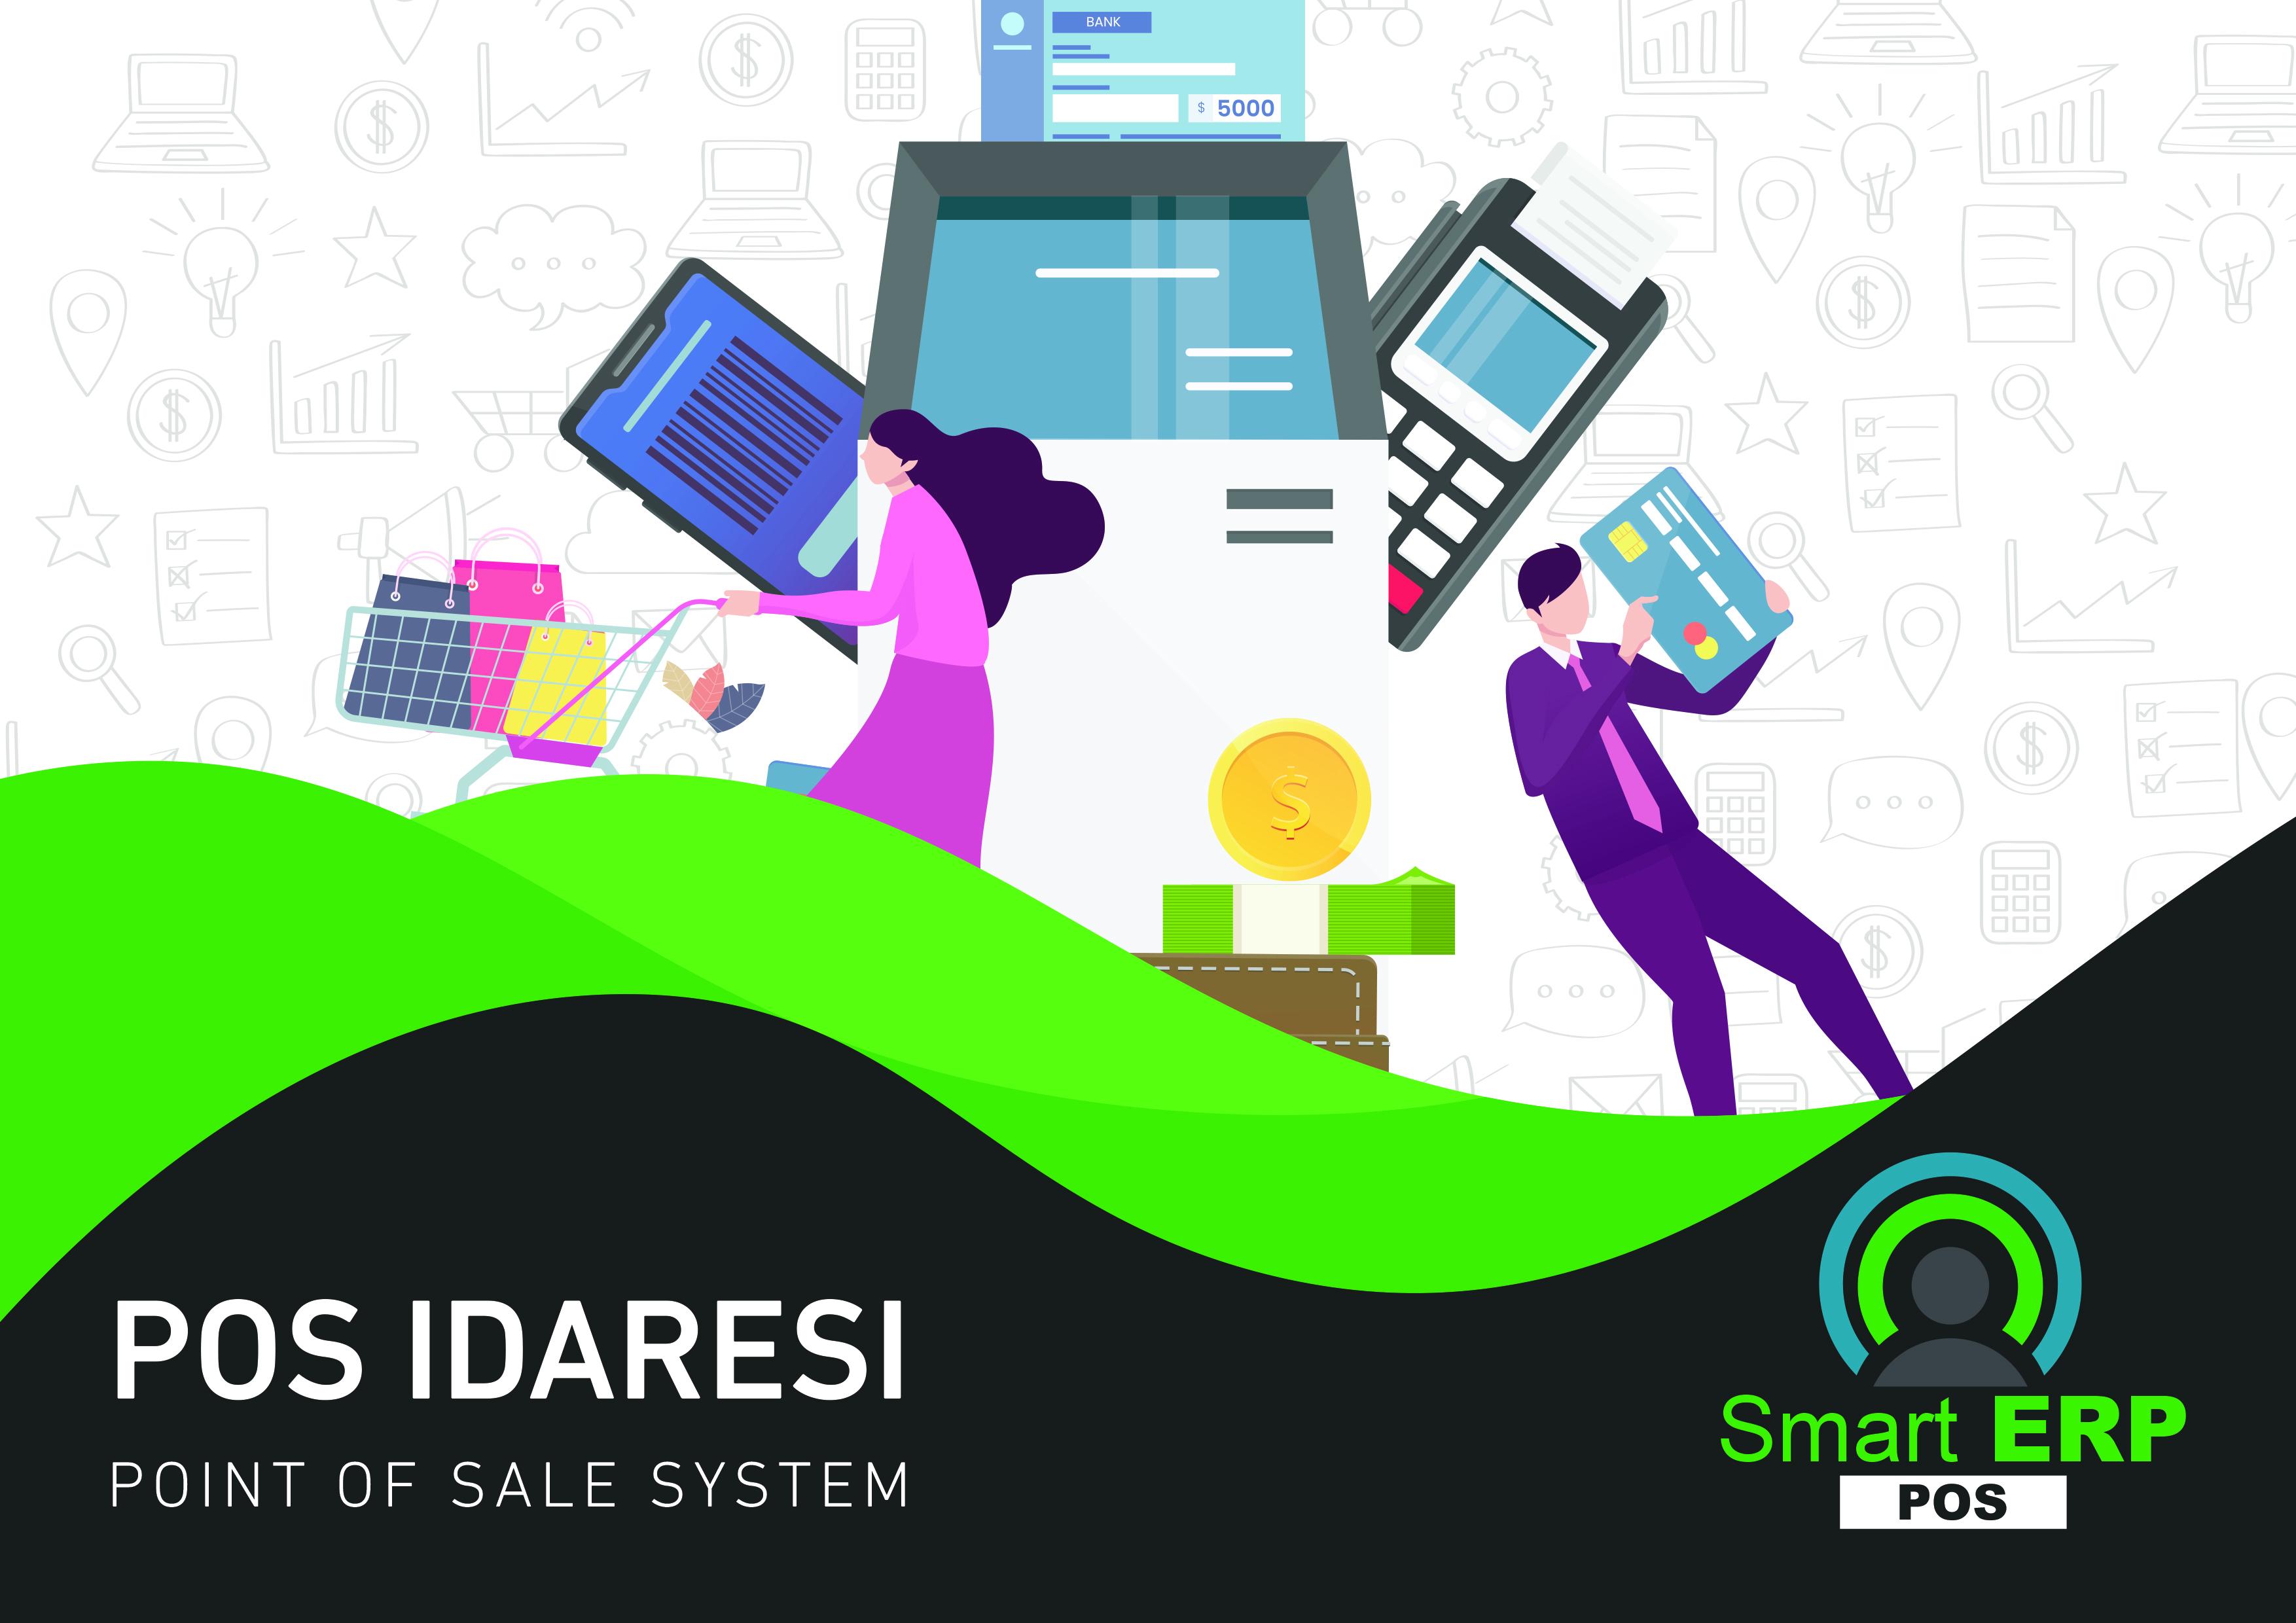 Tüm ticari faaliyetlerin yönetilmesinde kullanılması mümkün olan kapsamlı ve entegre bir sistemdir.